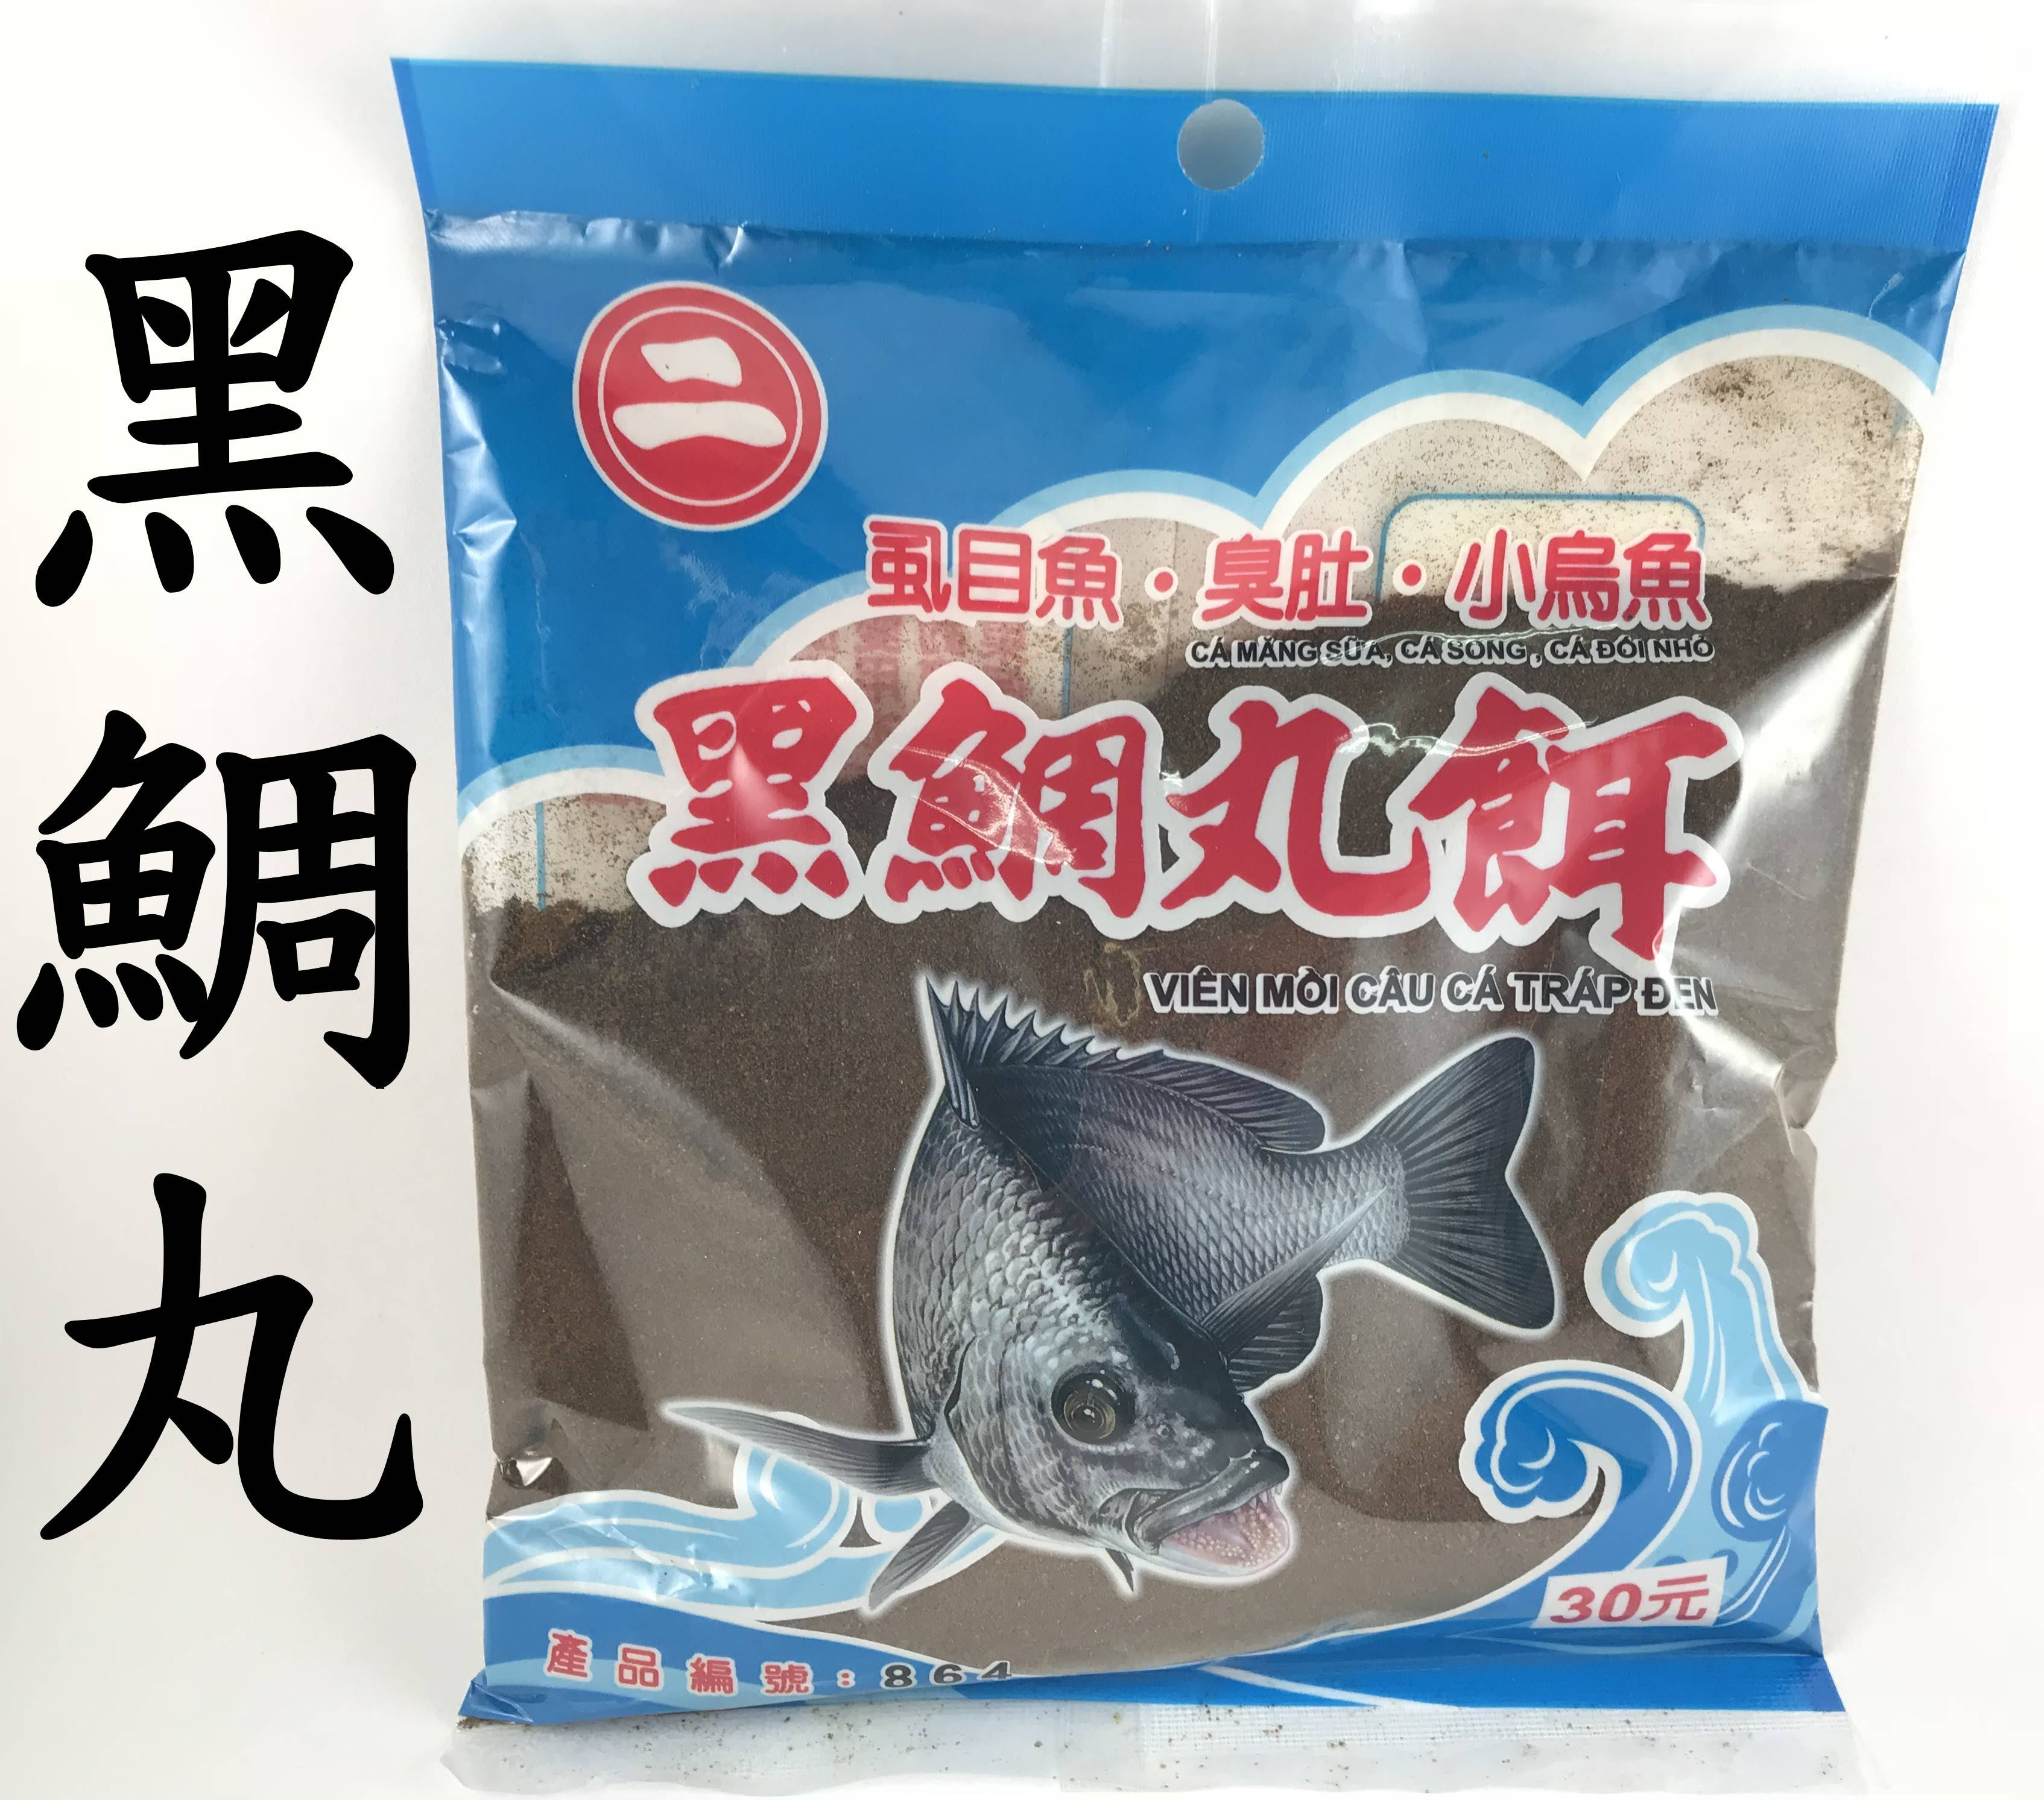 《釣魚釣蝦趣》(粉狀) 大哥大 丸二 黑鯛丸餌 專釣 黑鯛 赤翅 臭肚魚 小烏魚 虱目魚 魚餌